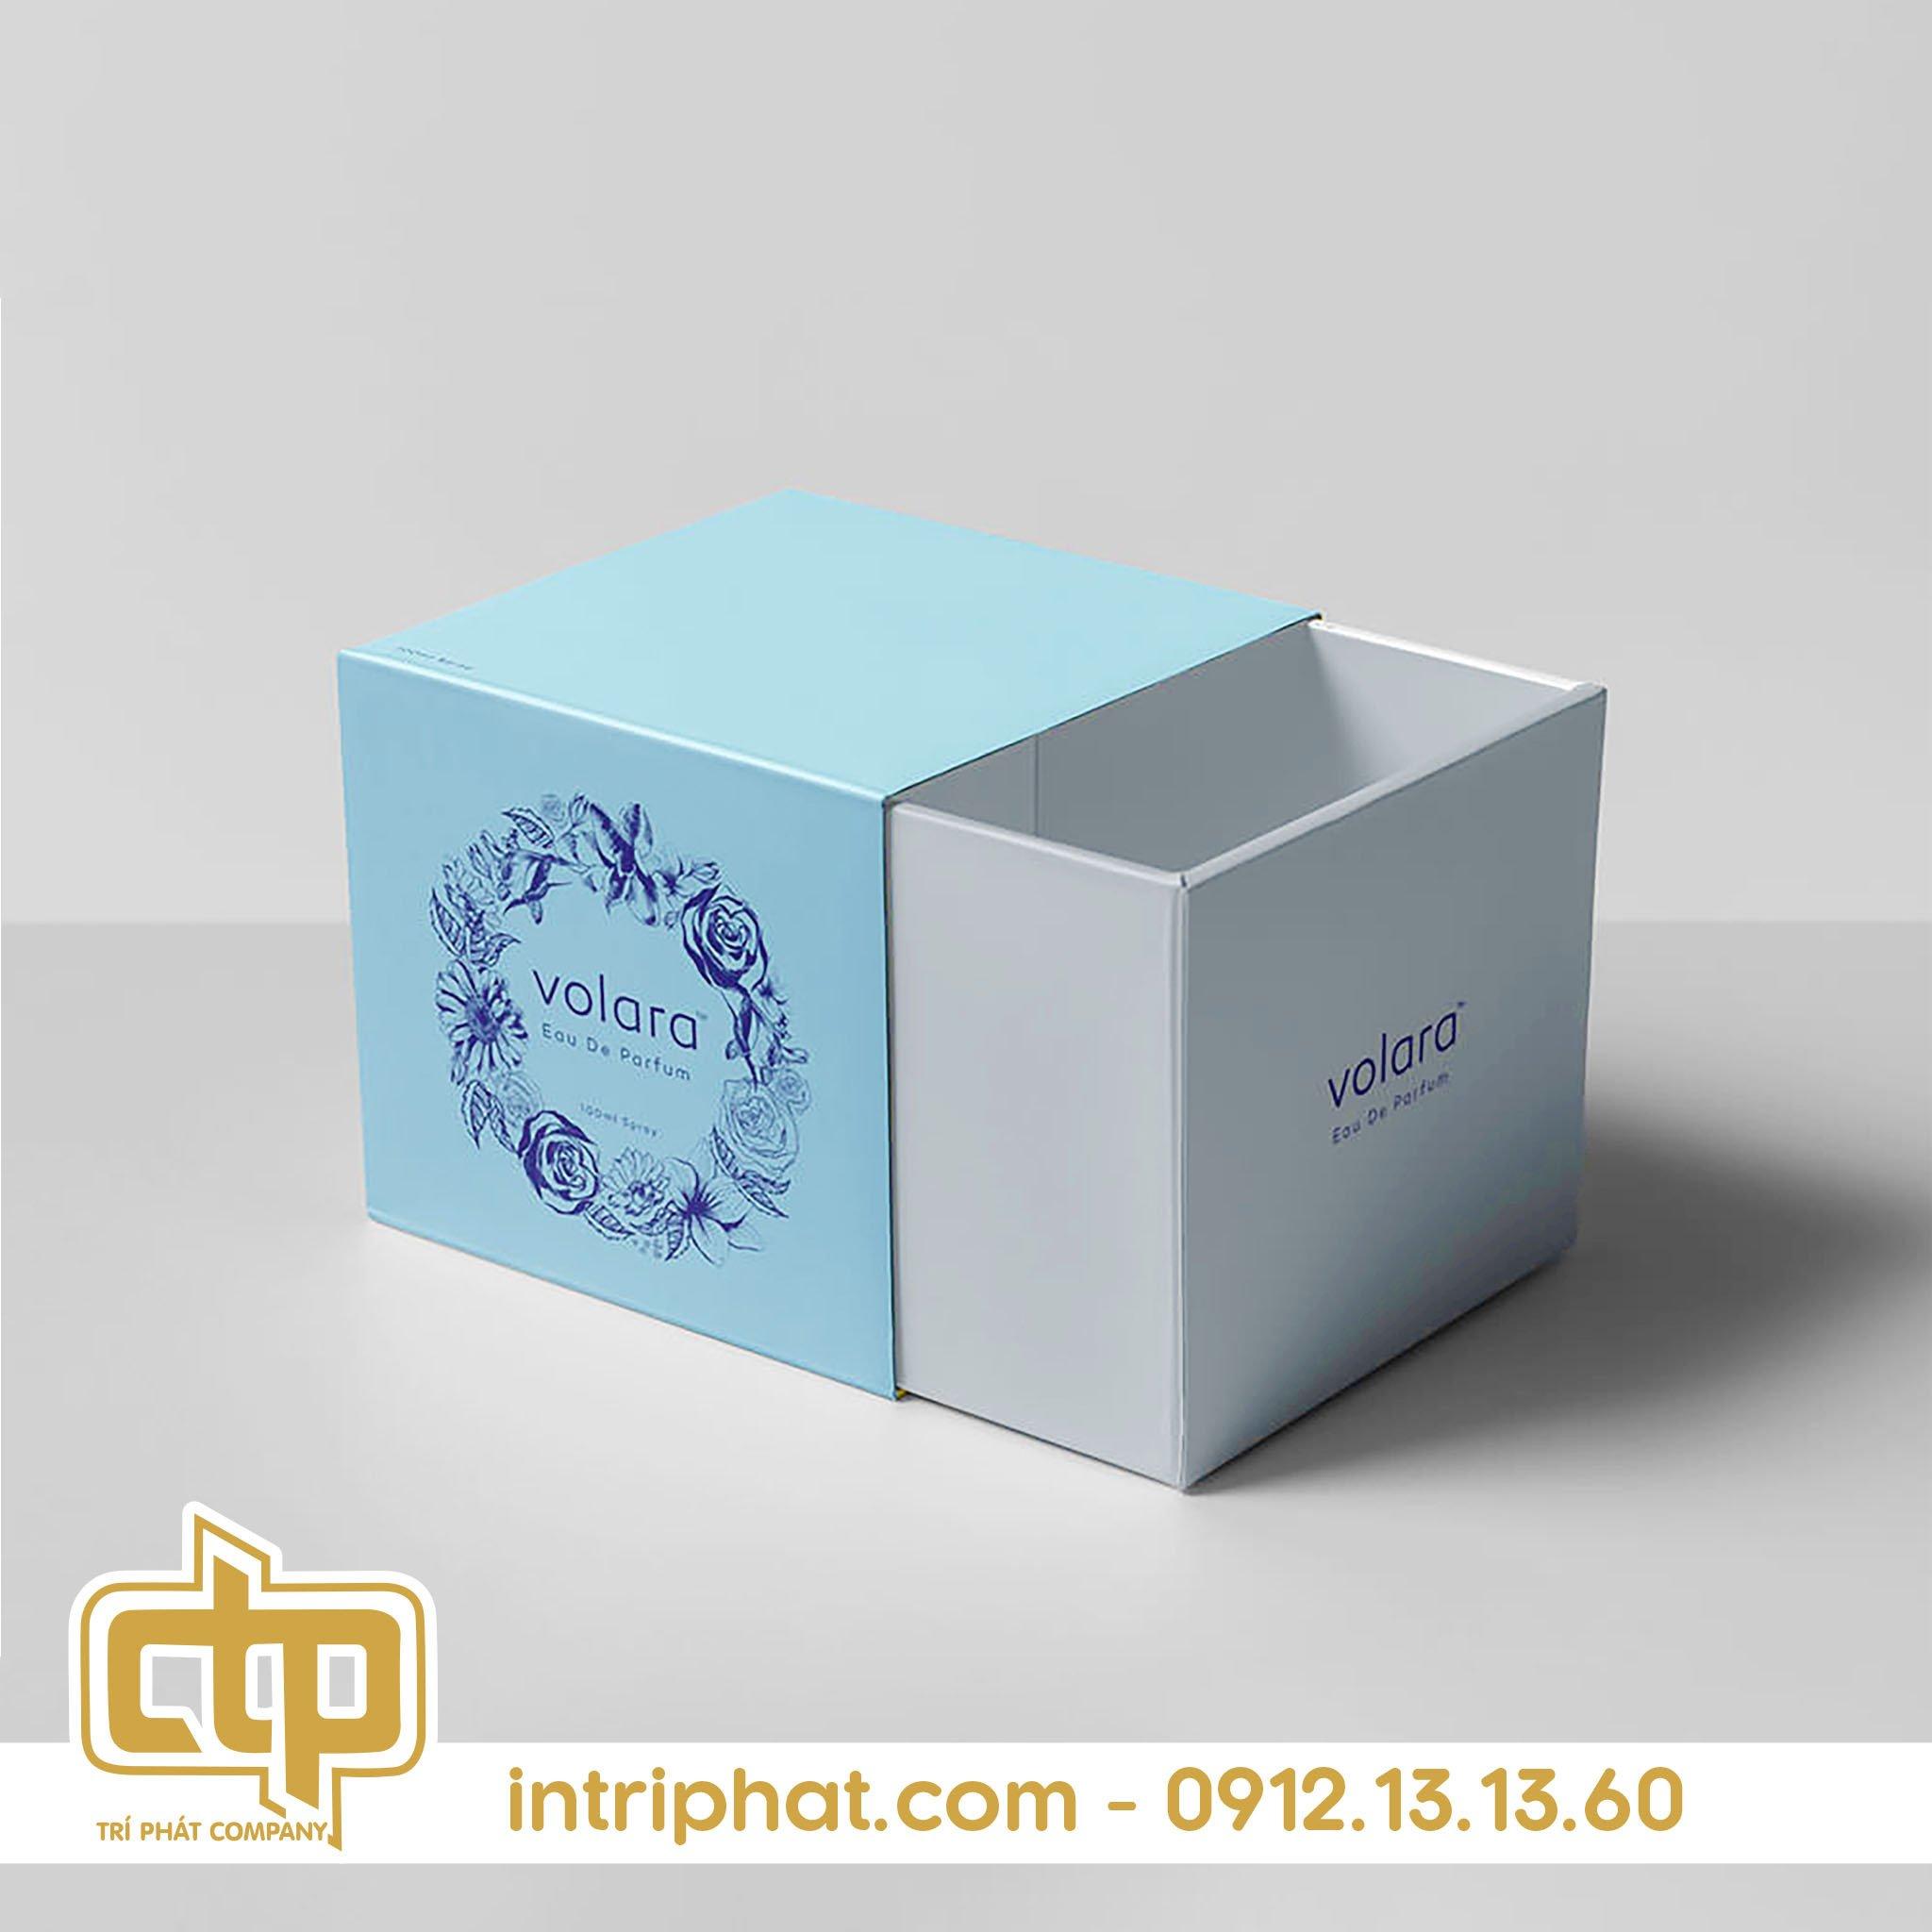 Mẫu hộp giấy đẹp đựng đồng hồ